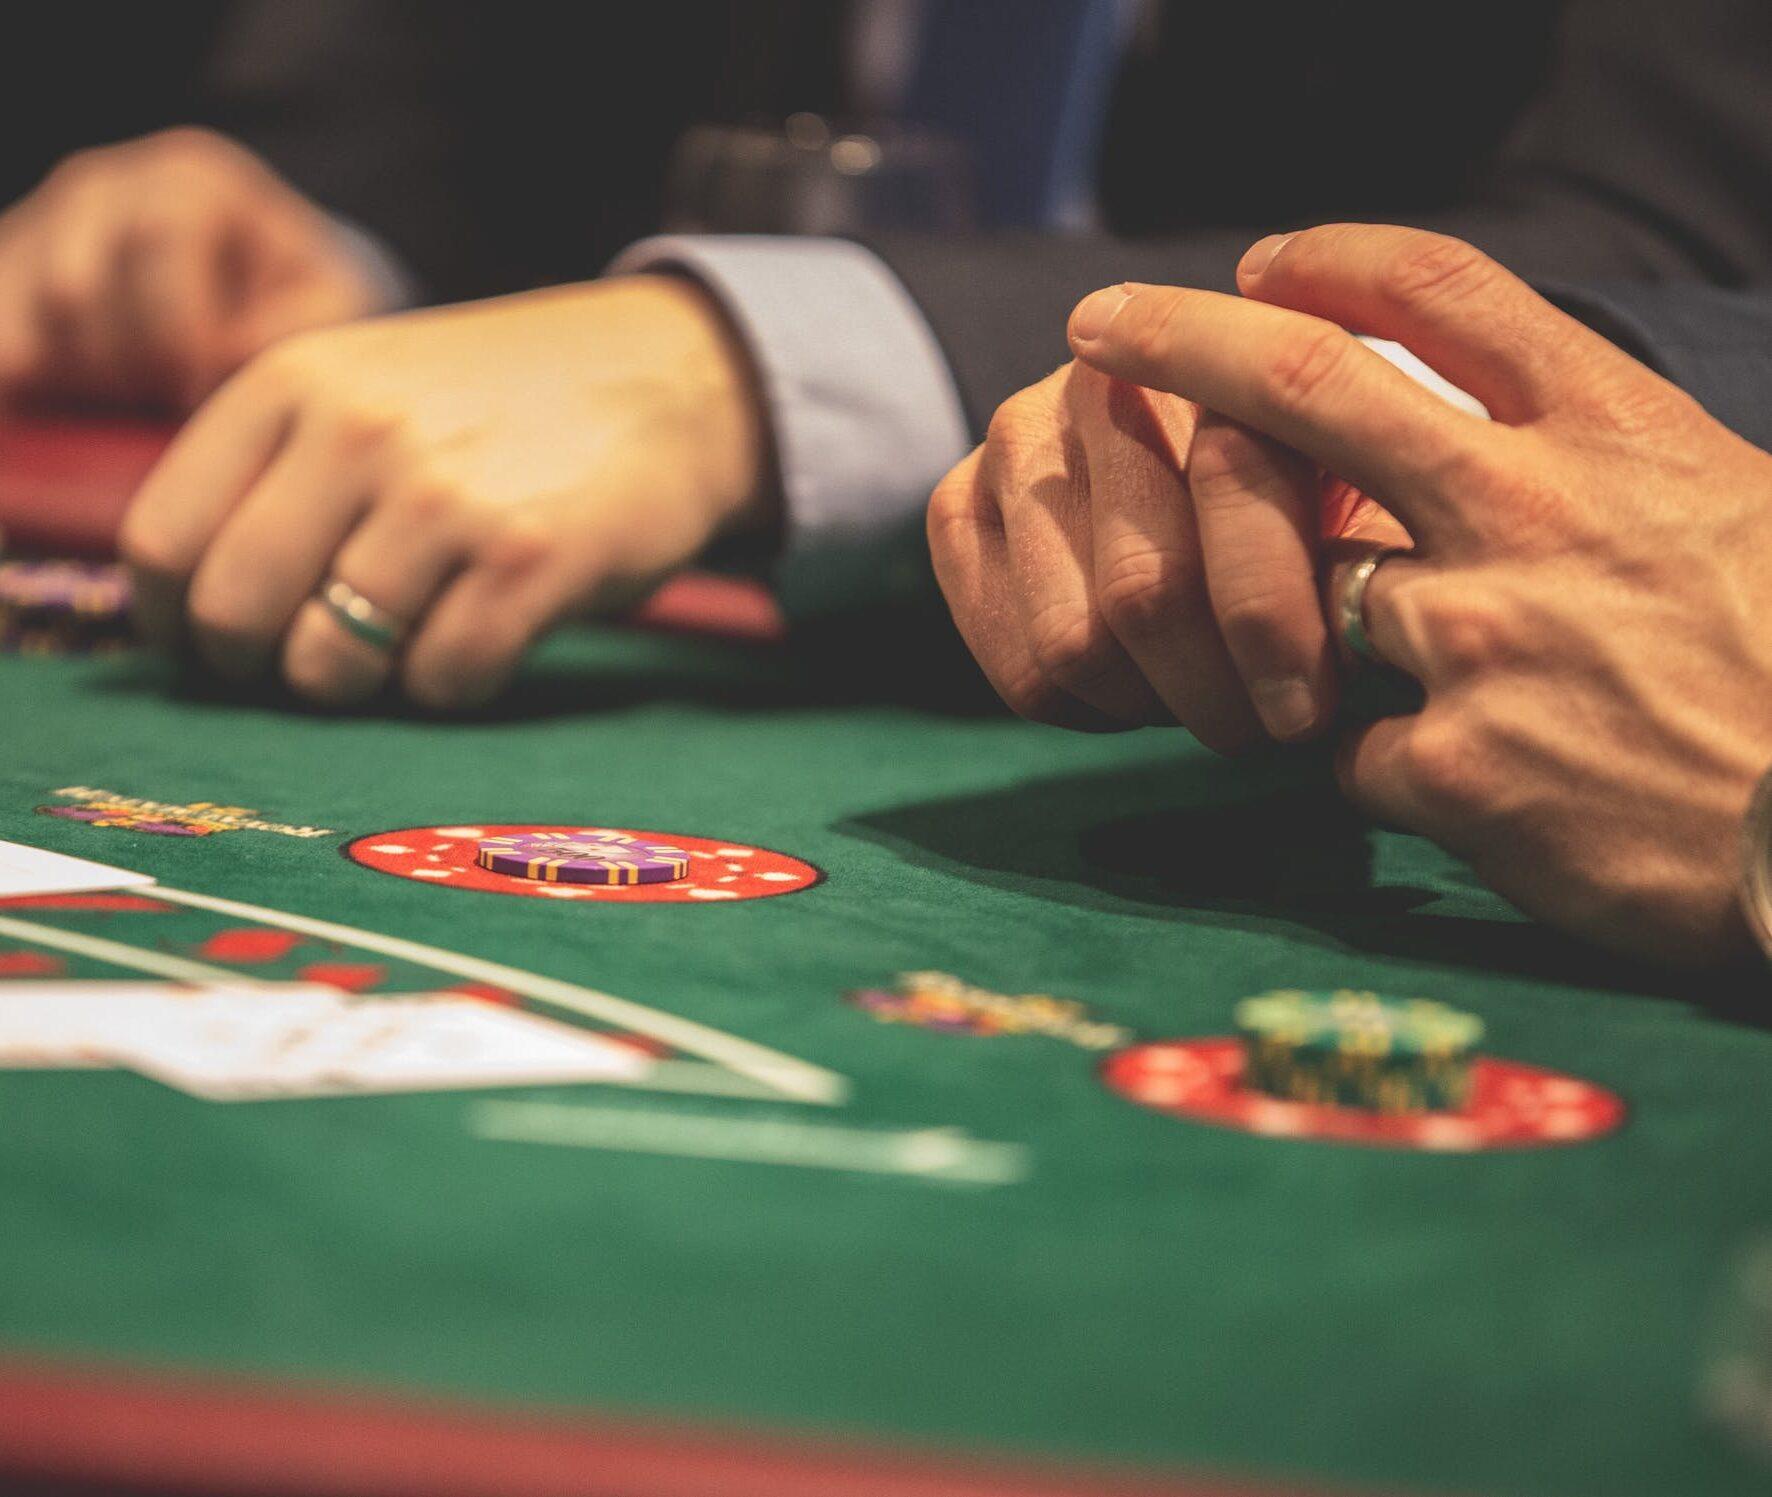 Lo mejor de jugar blackjack en línea, es la sensación continua de estar cerca de ganar cada vez, mas y mas...